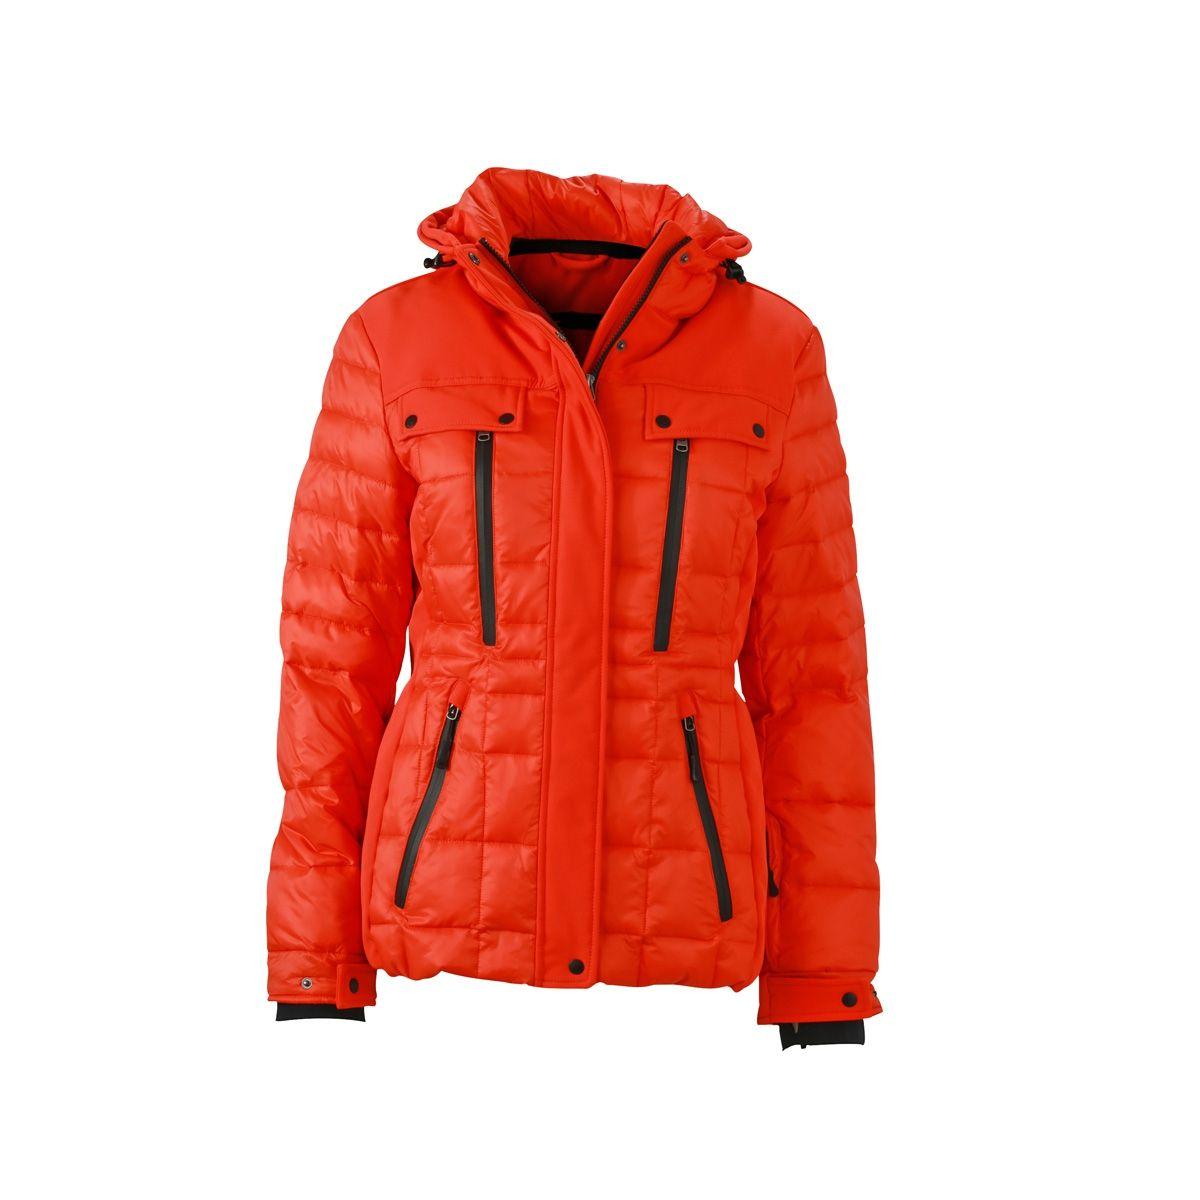 blazer doudoune femme,Doudoune Femme Matelasse Orange Rouge